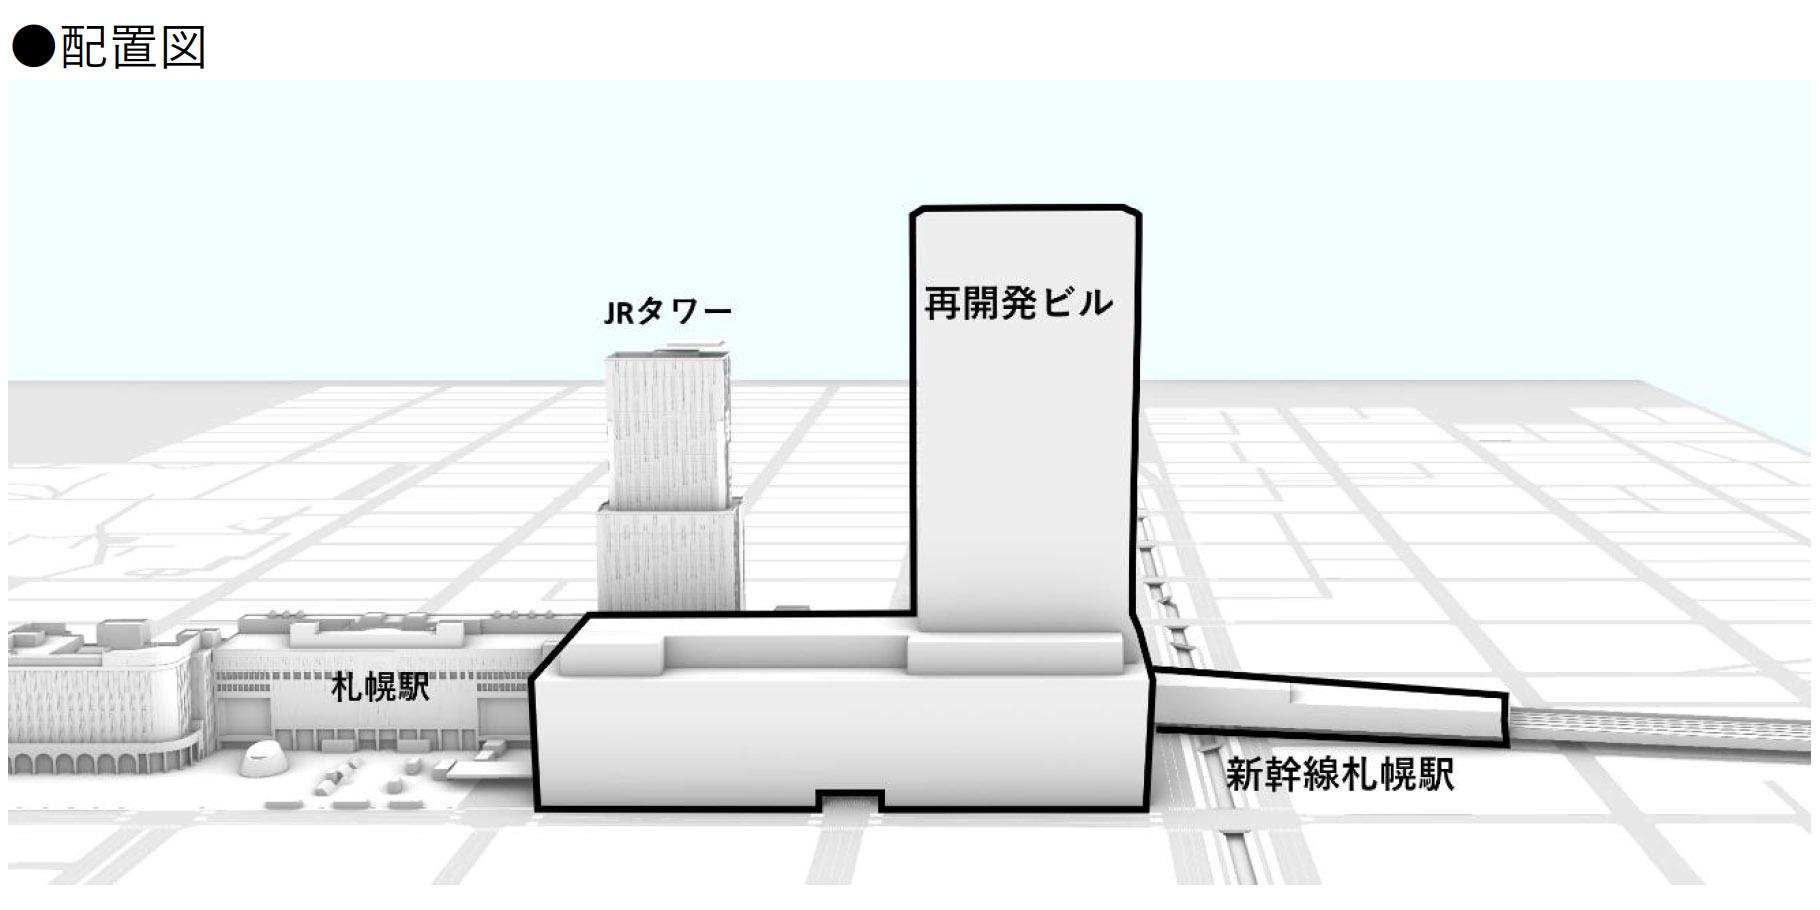 施設の配置図